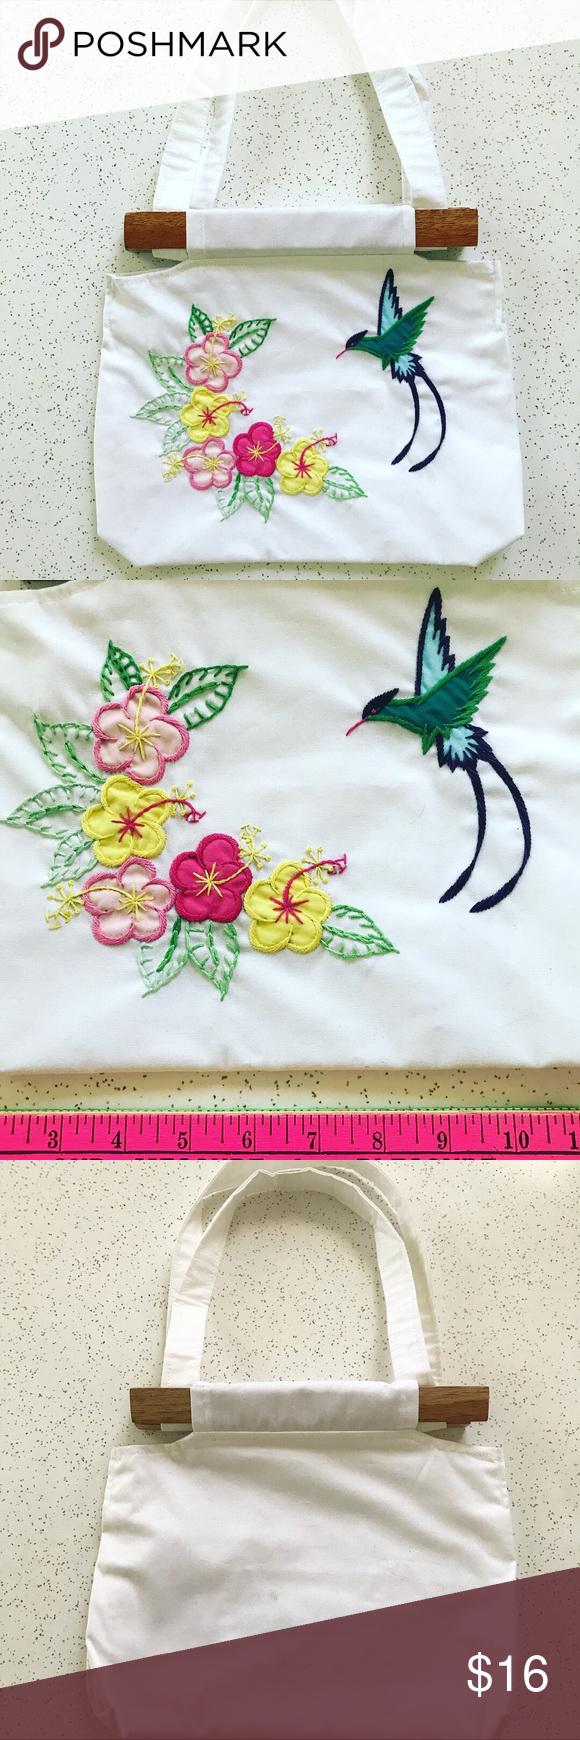 Vintage flower and hummingbird embroidered purse hummingbird